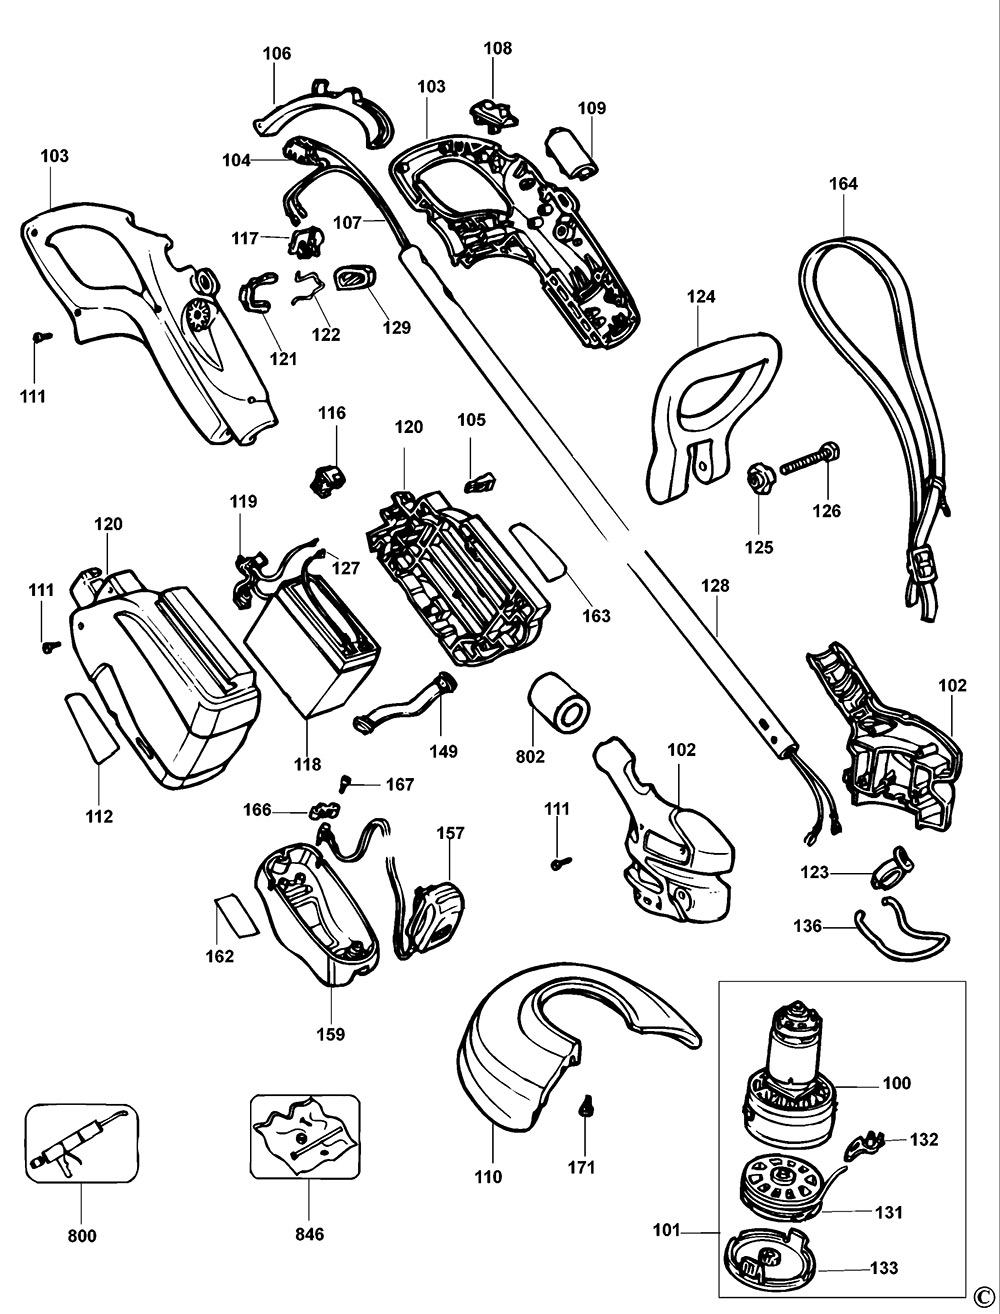 Black & Decker GLC120 Type 2 Cordless String Trimmer Spare